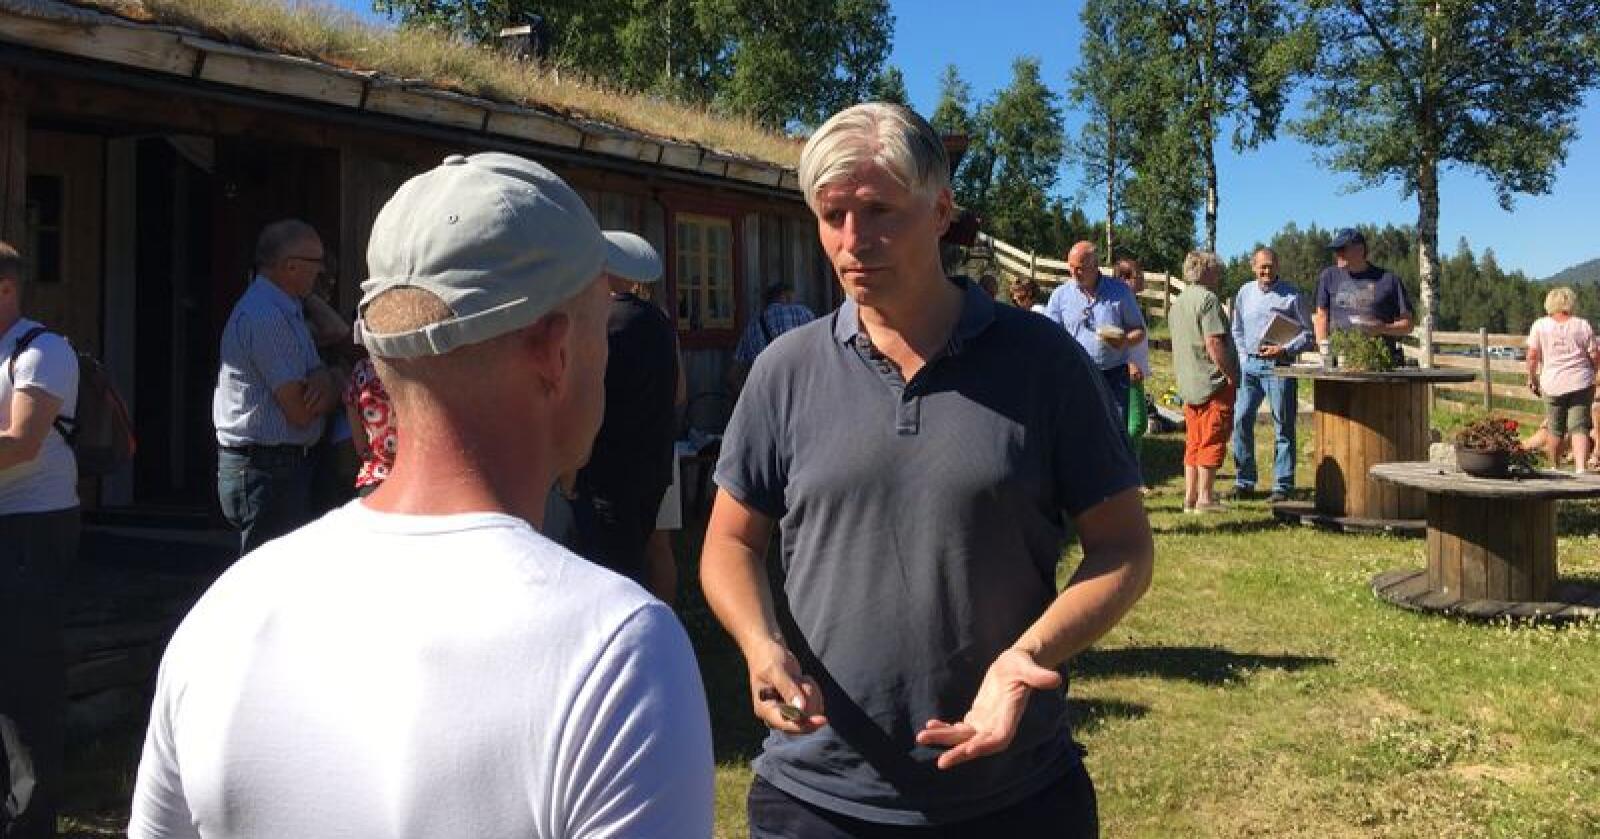 Klima- og miljøminister Ola Elvestuen ga få løfter da han søndag besøkte Nord-Østerdalen. Foto: Sivert Rossing